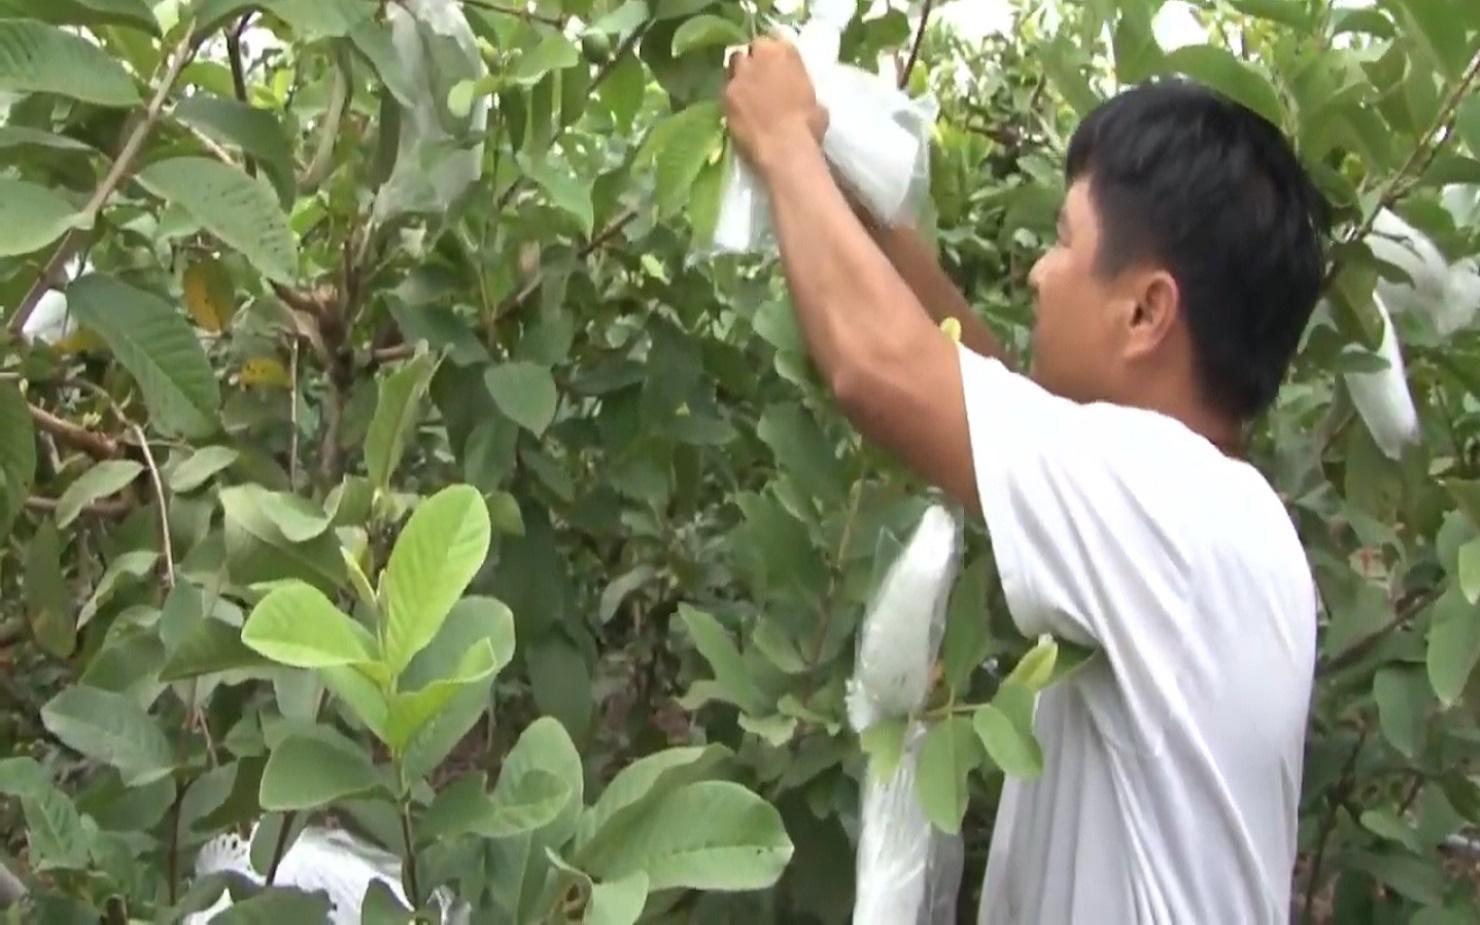 Anh nông dân trồng ổi theo quy trình VietGAP, vườn ổi ngày nào cũng sai trái hơn, đầu ra cũng ngày càng thuận lợi - Ảnh 3.